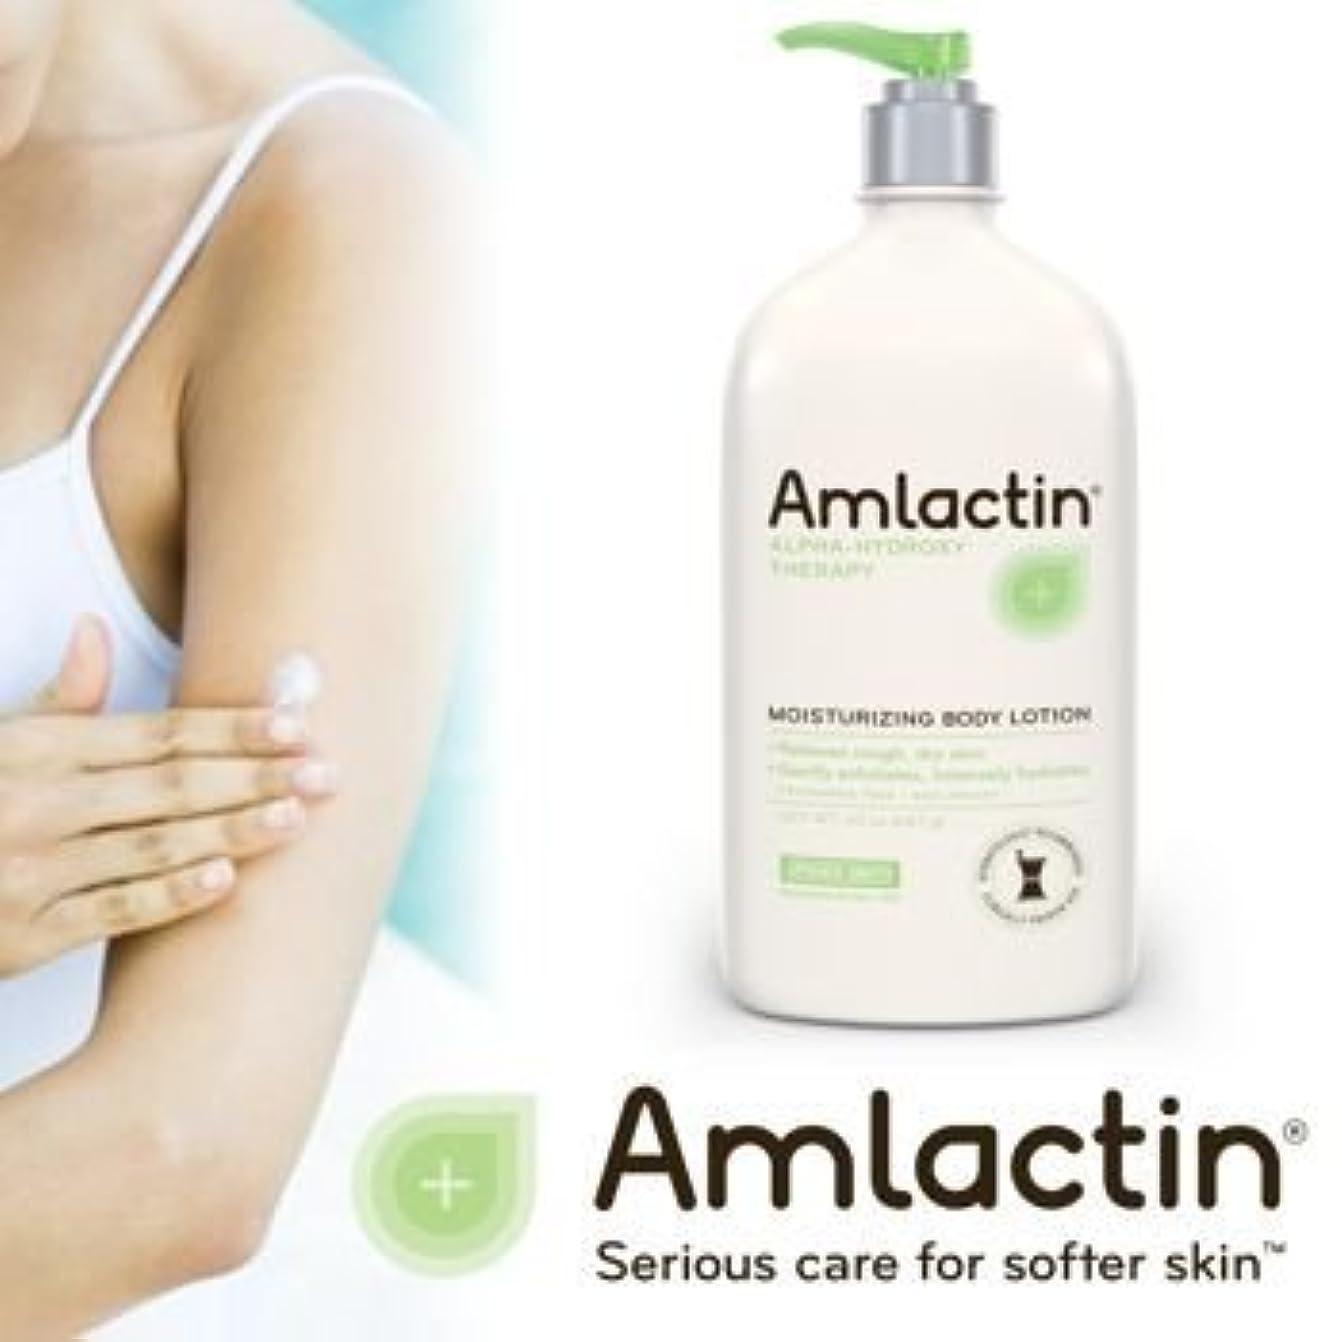 ウェイド抑制コミュニケーションアムラクティン 保湿液 (乾燥肌のため) - 12% 乳酸 - AmLactin 12 % Moisturizing Lotion - 500 g / 17.6 oz (Product packaging may vary)